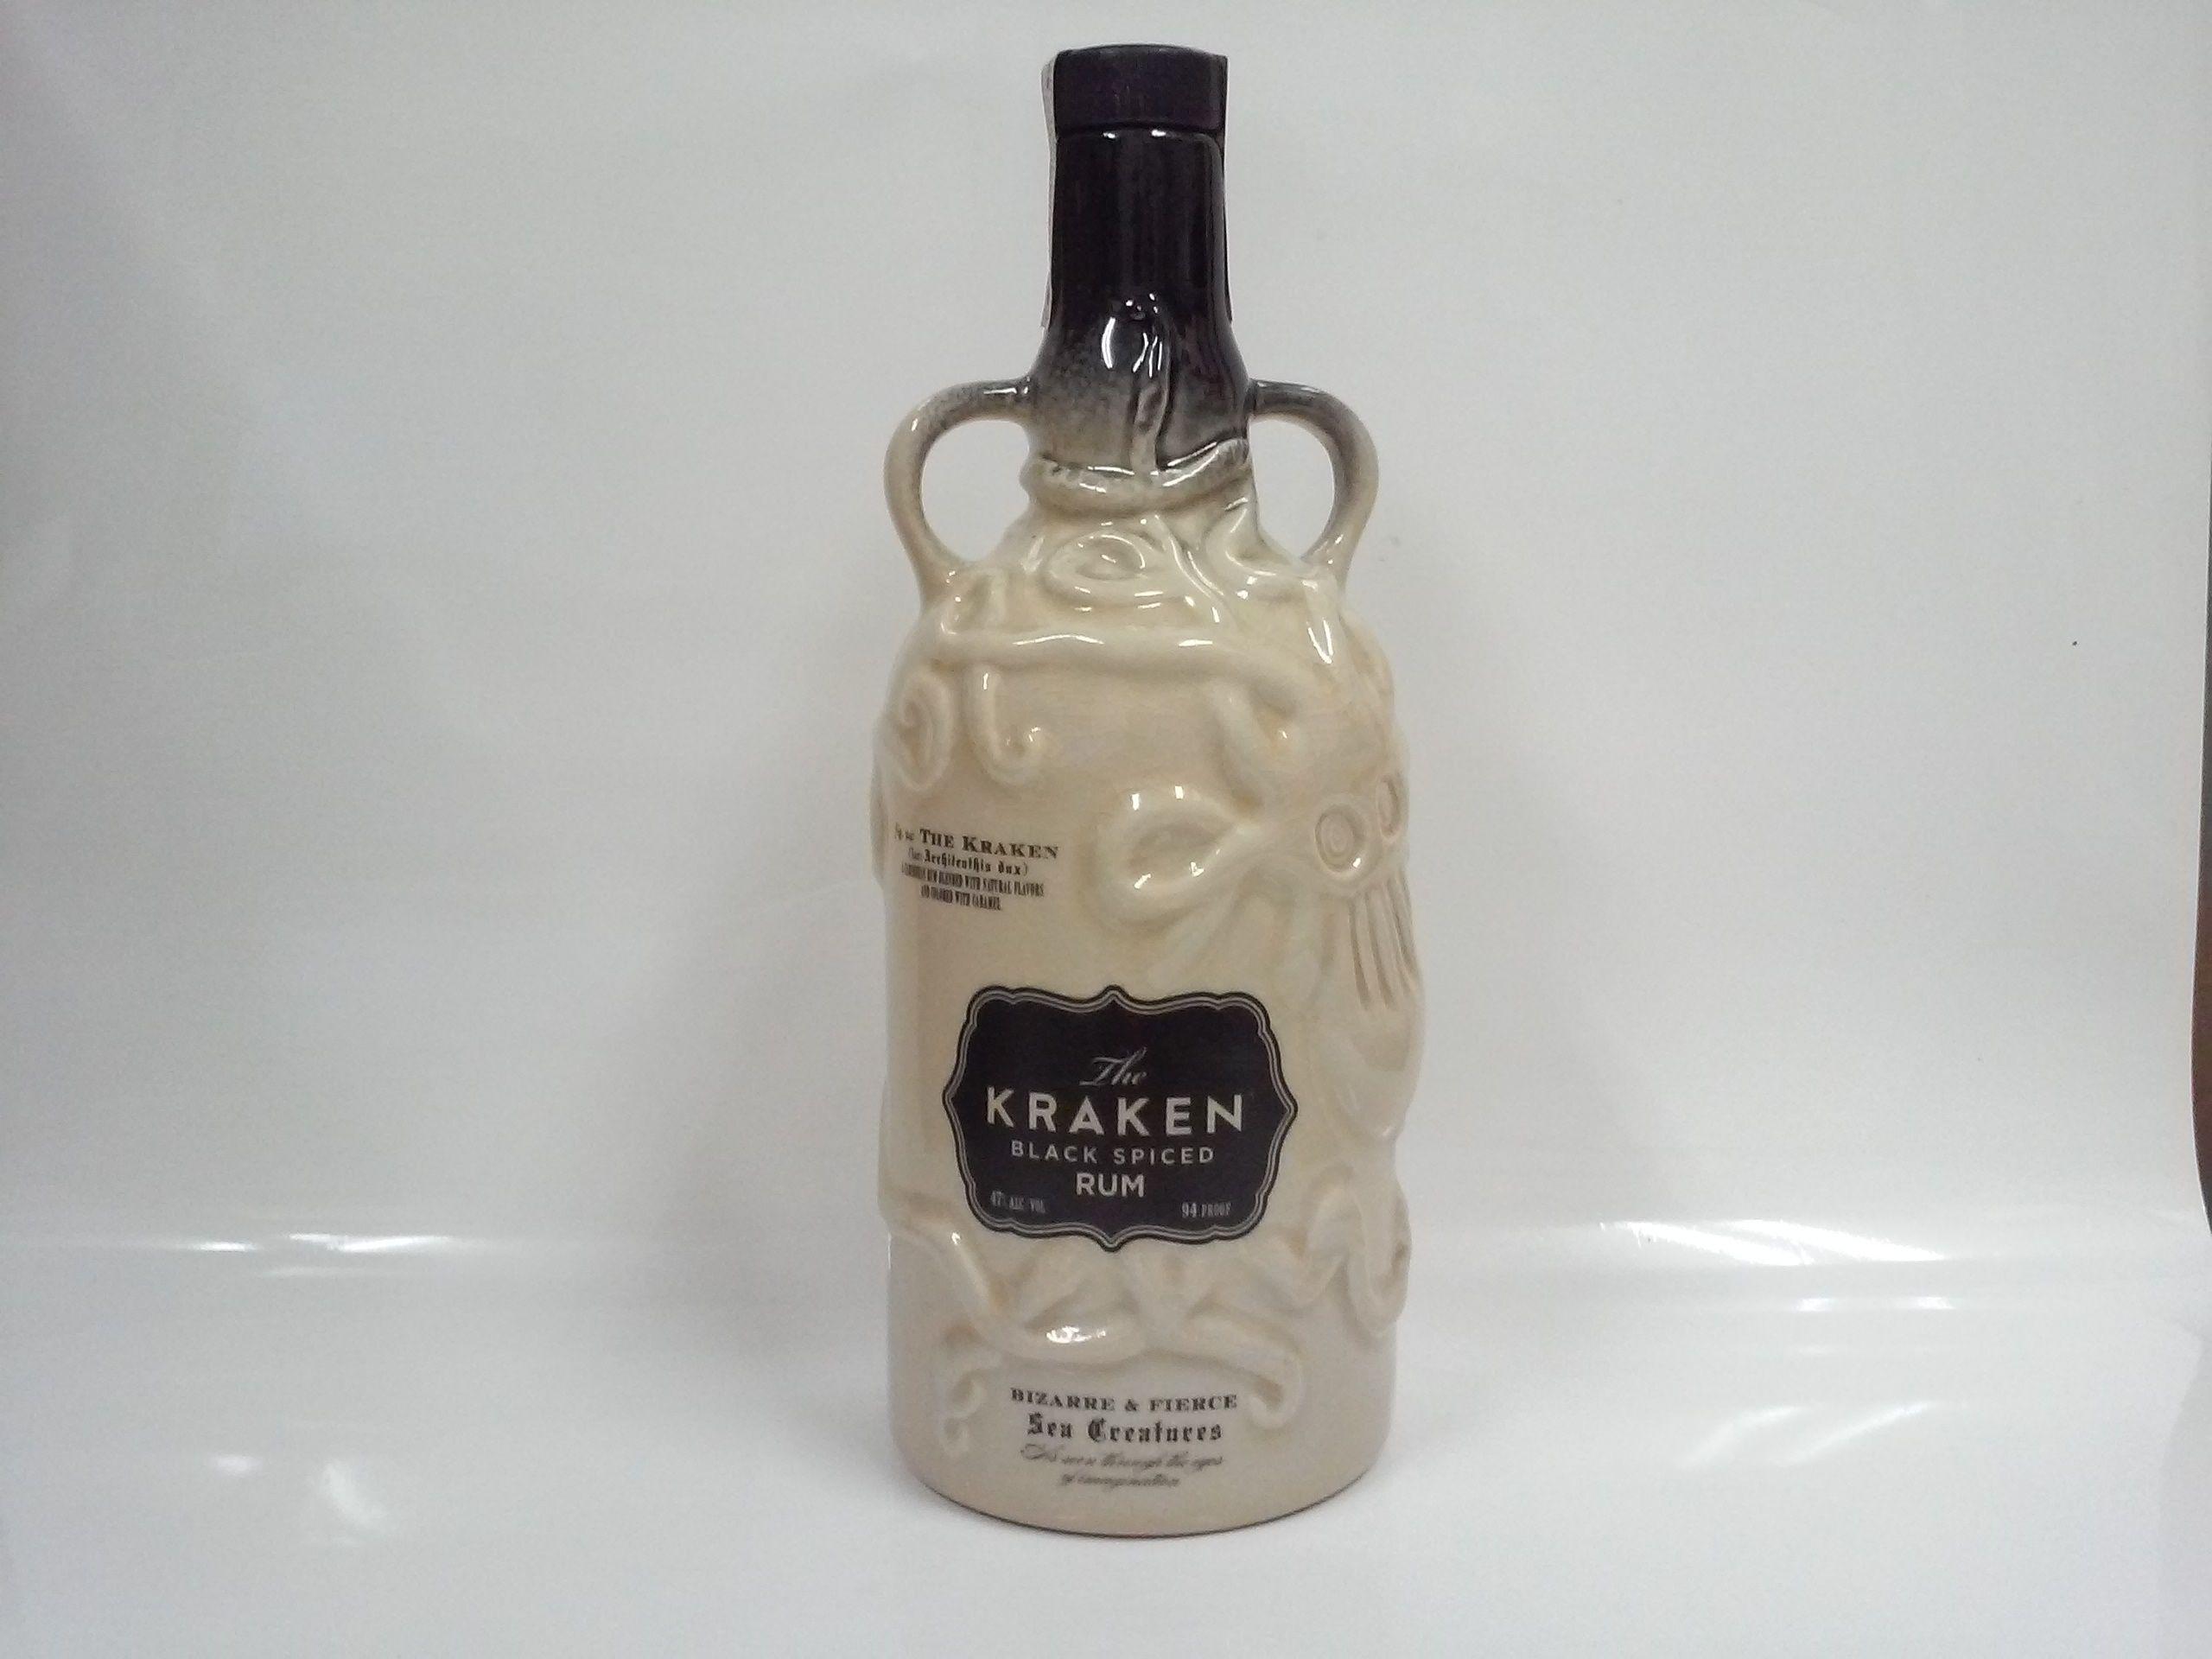 クラーケン ブラック スパイスド ラム セラミックボトル 47% 750ml THE KRAKEN BLACK SPICED RUM CERAMIC BOTTLE